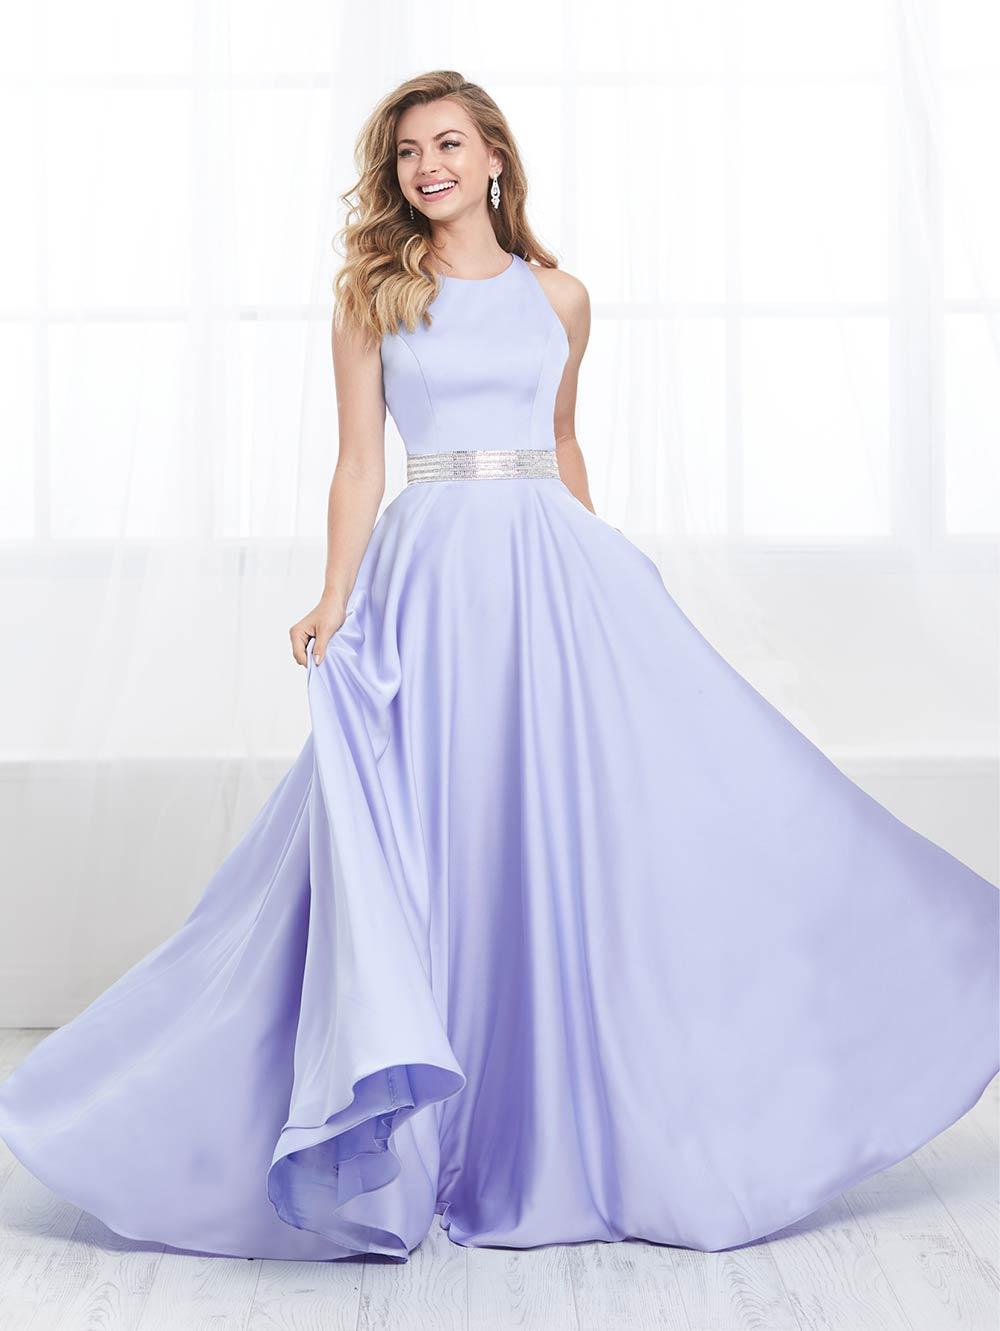 prom-dresses-jacquelin-bridals-canada-27656